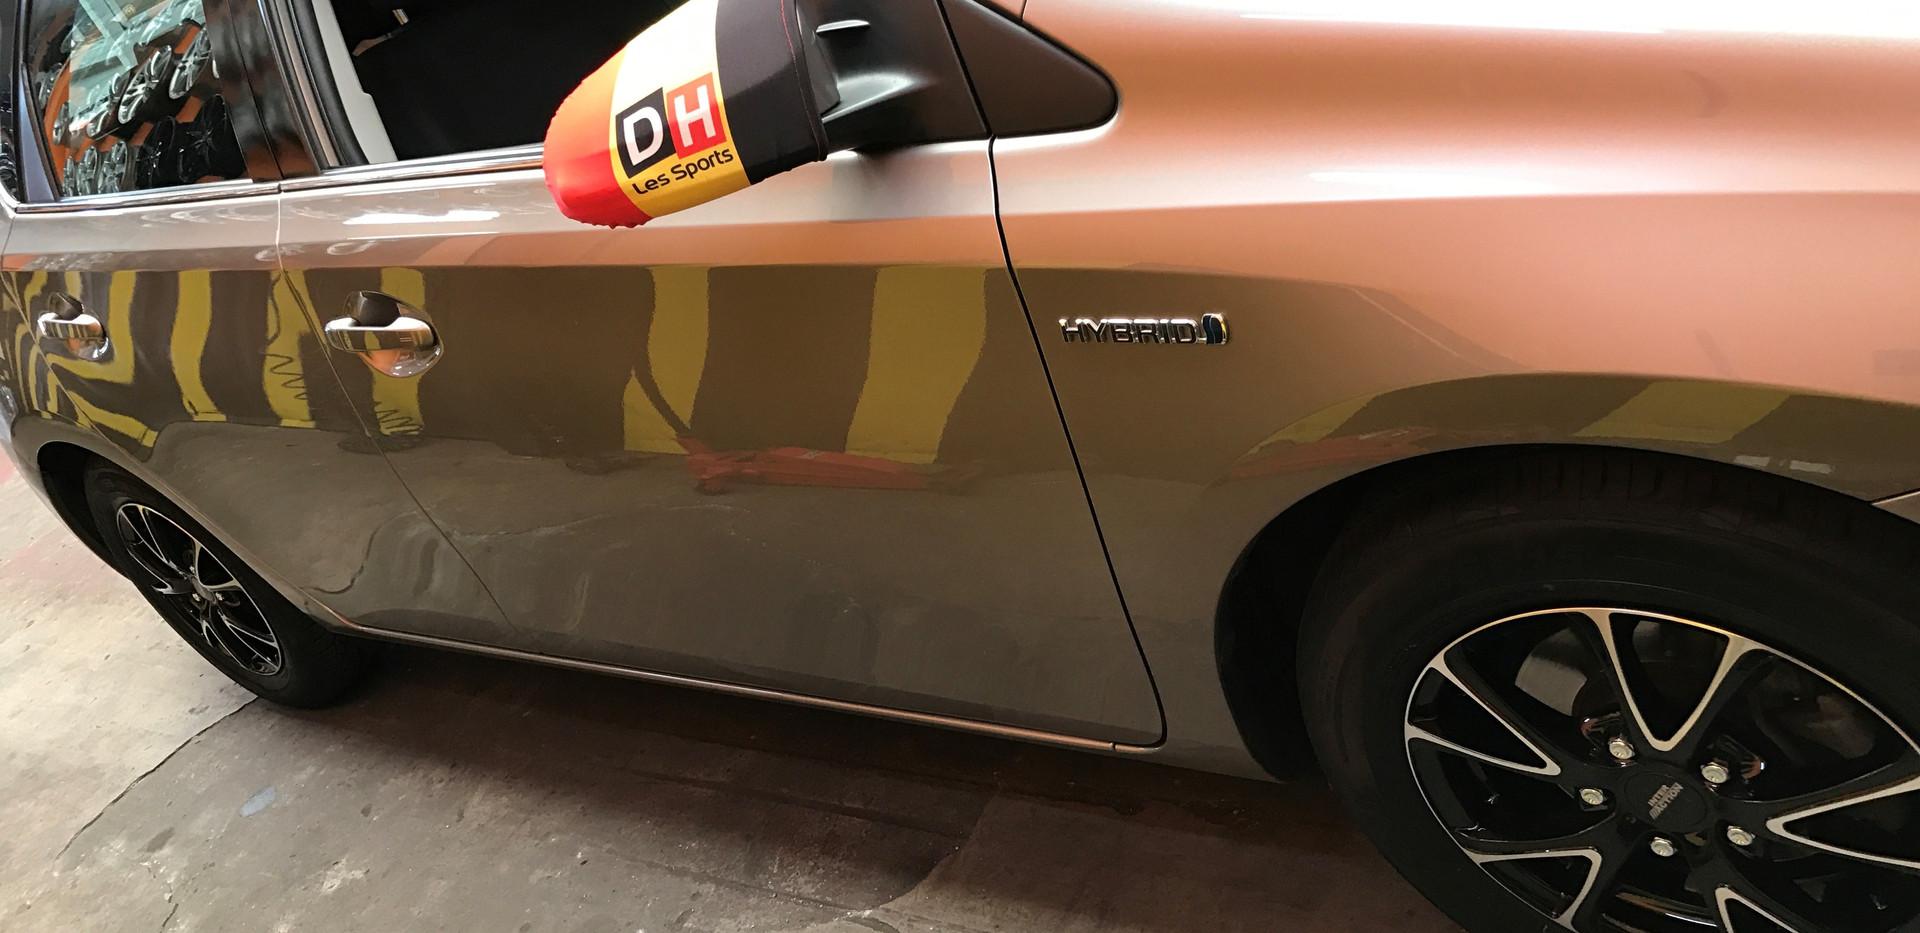 changement pneu voiture hybrid.jpg